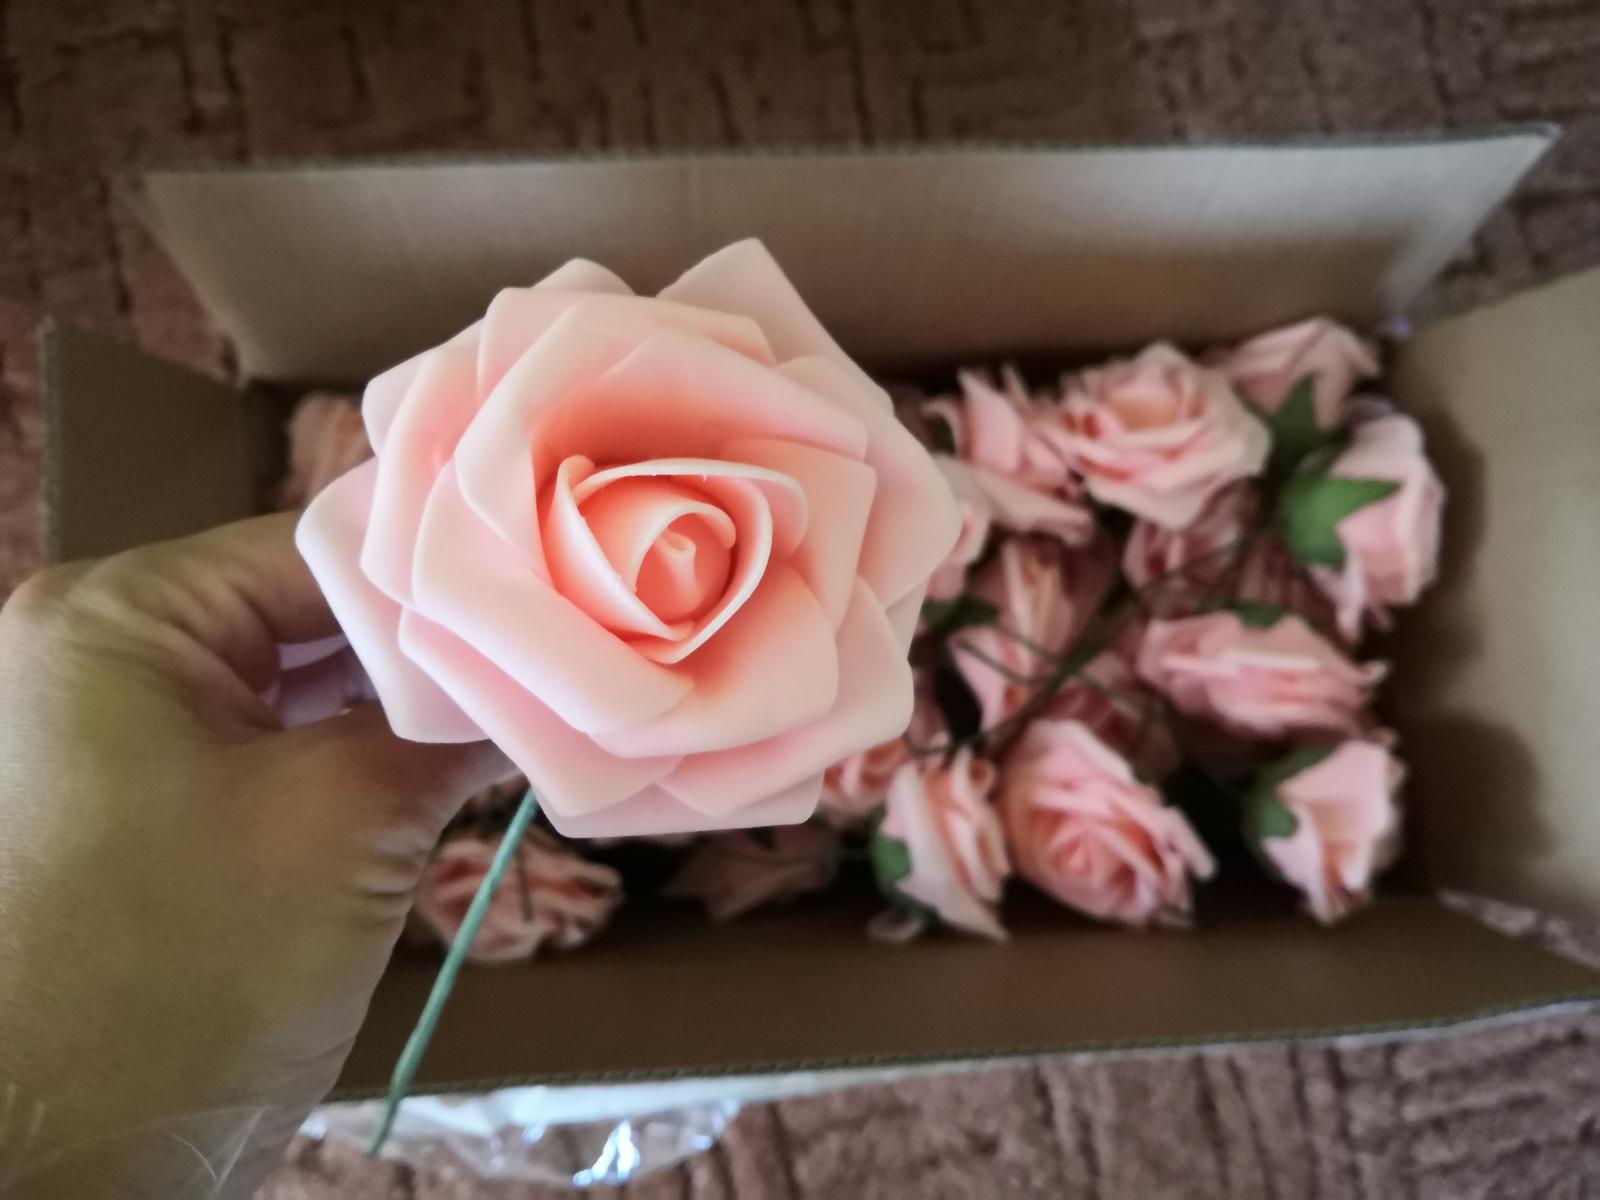 Kvet ružový (ruža) - Obrázok č. 4